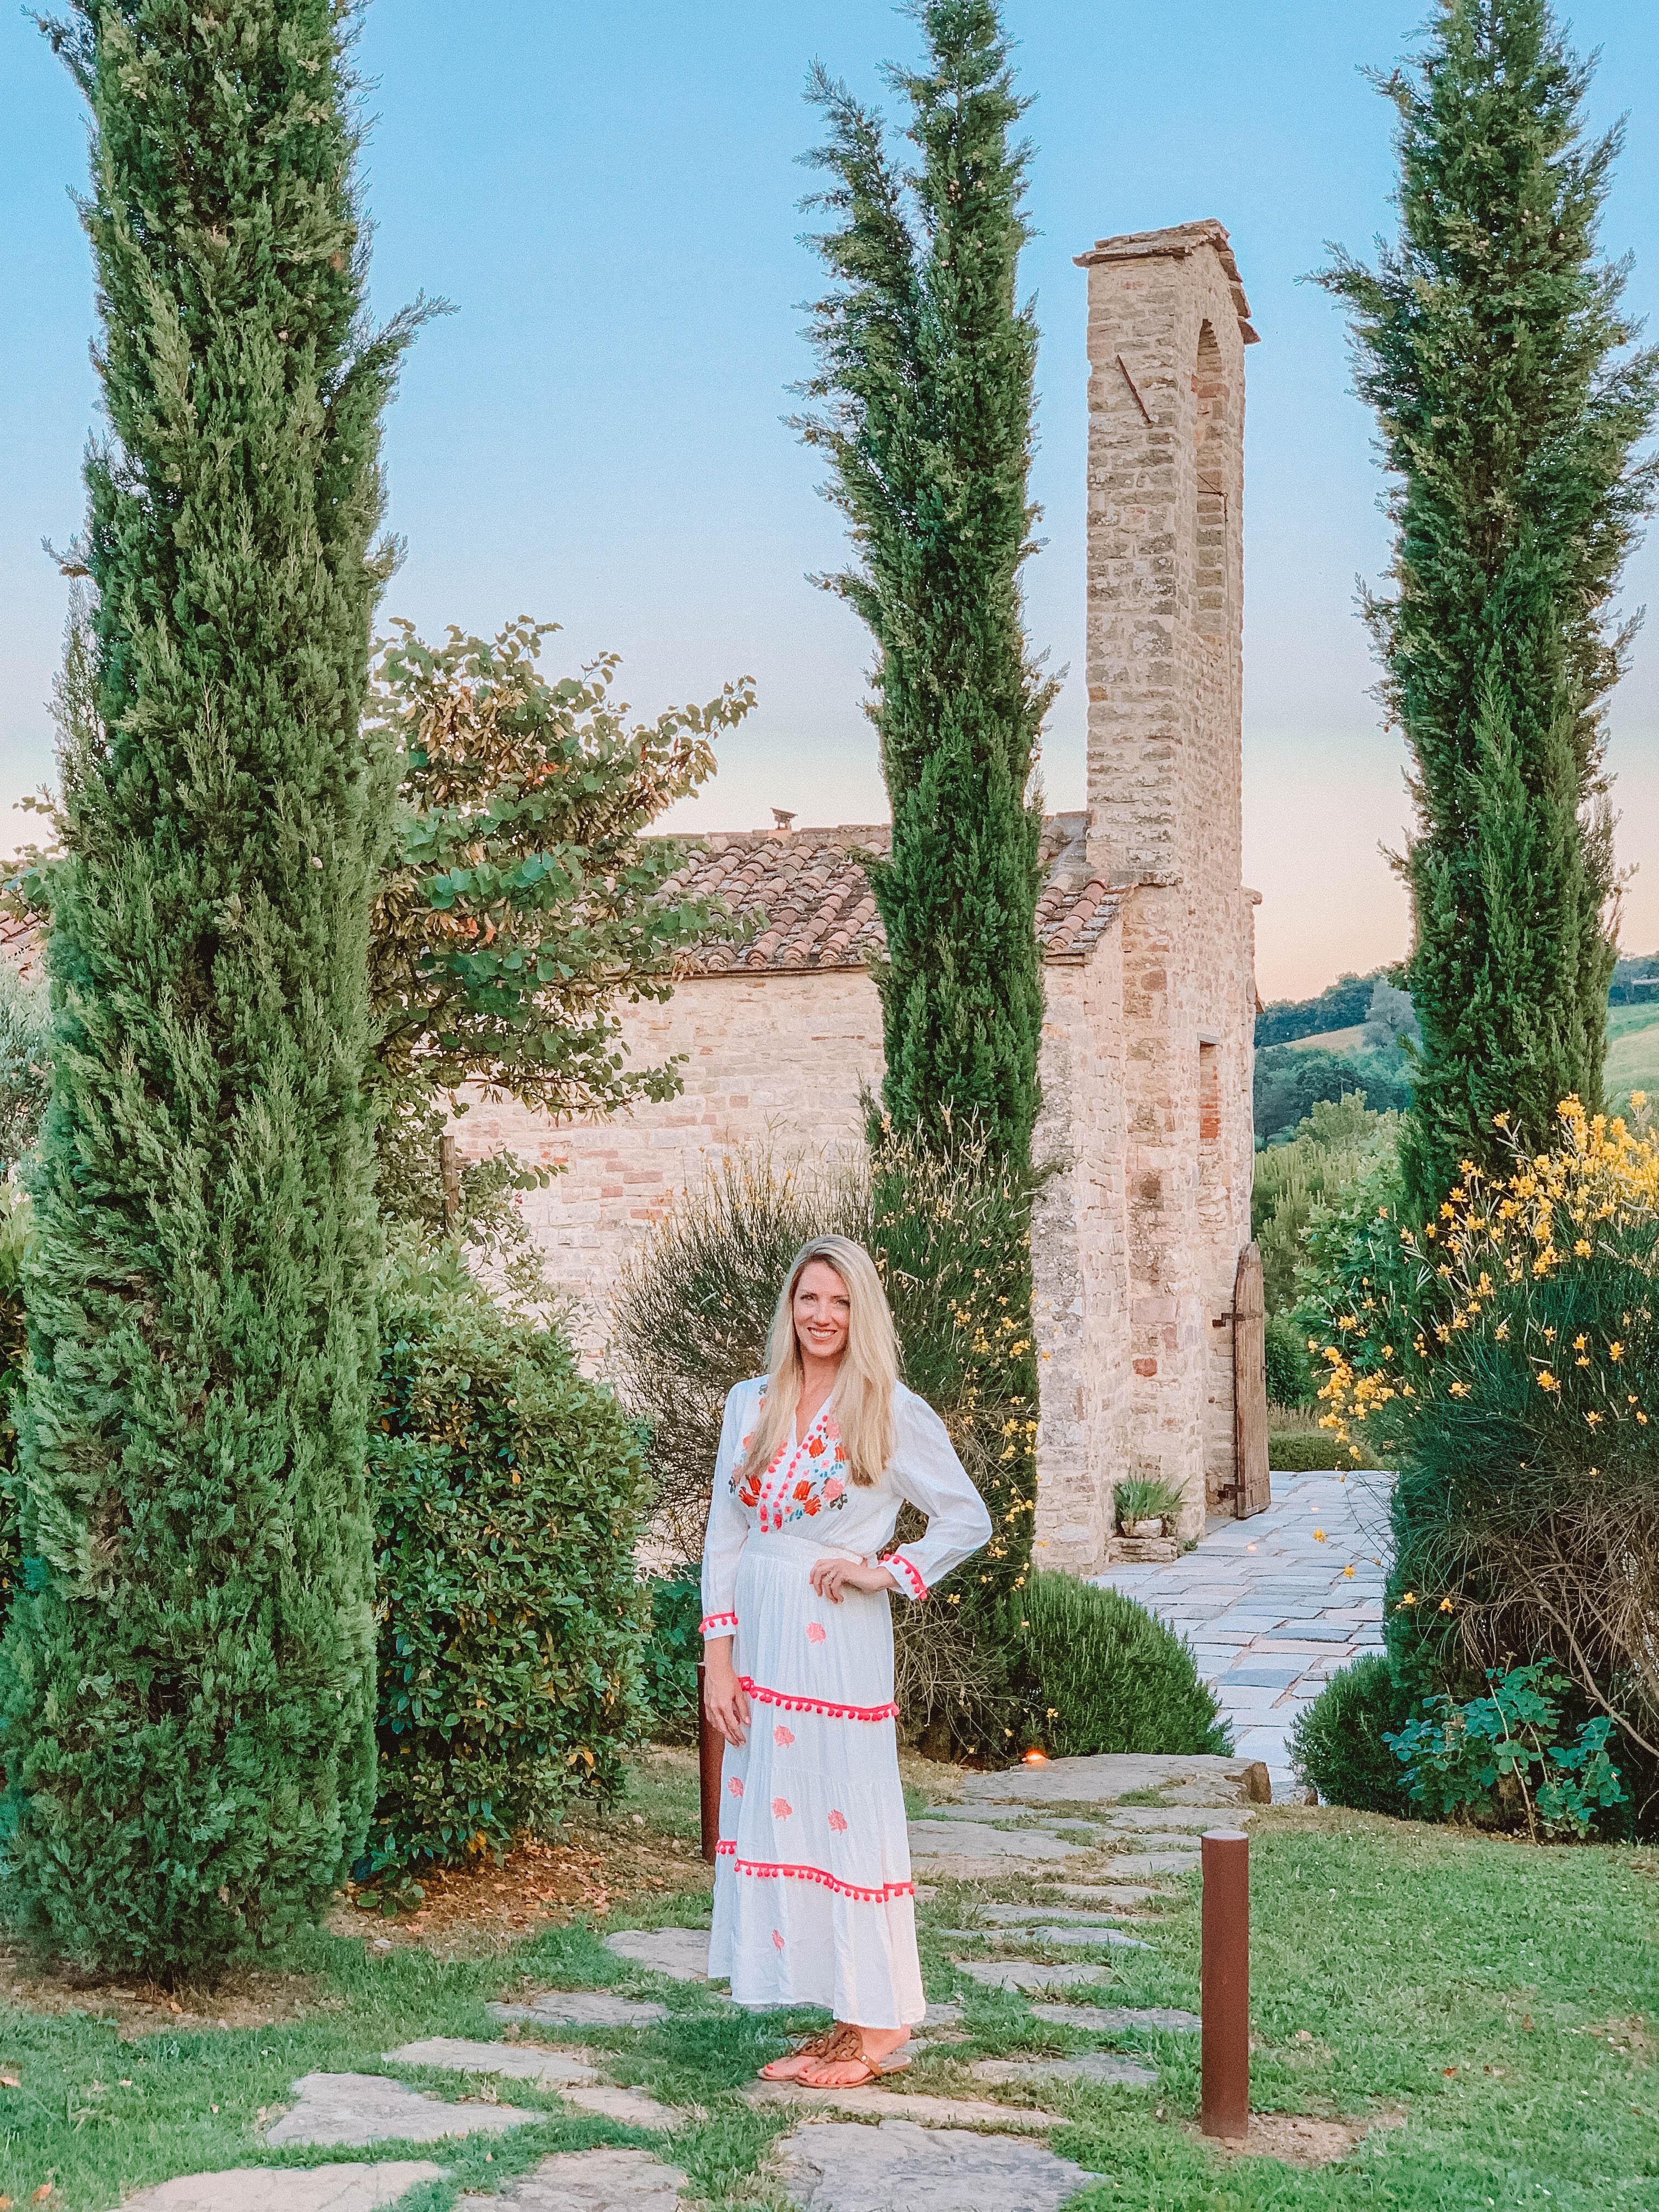 woman standing in garden in Umbria, Italy